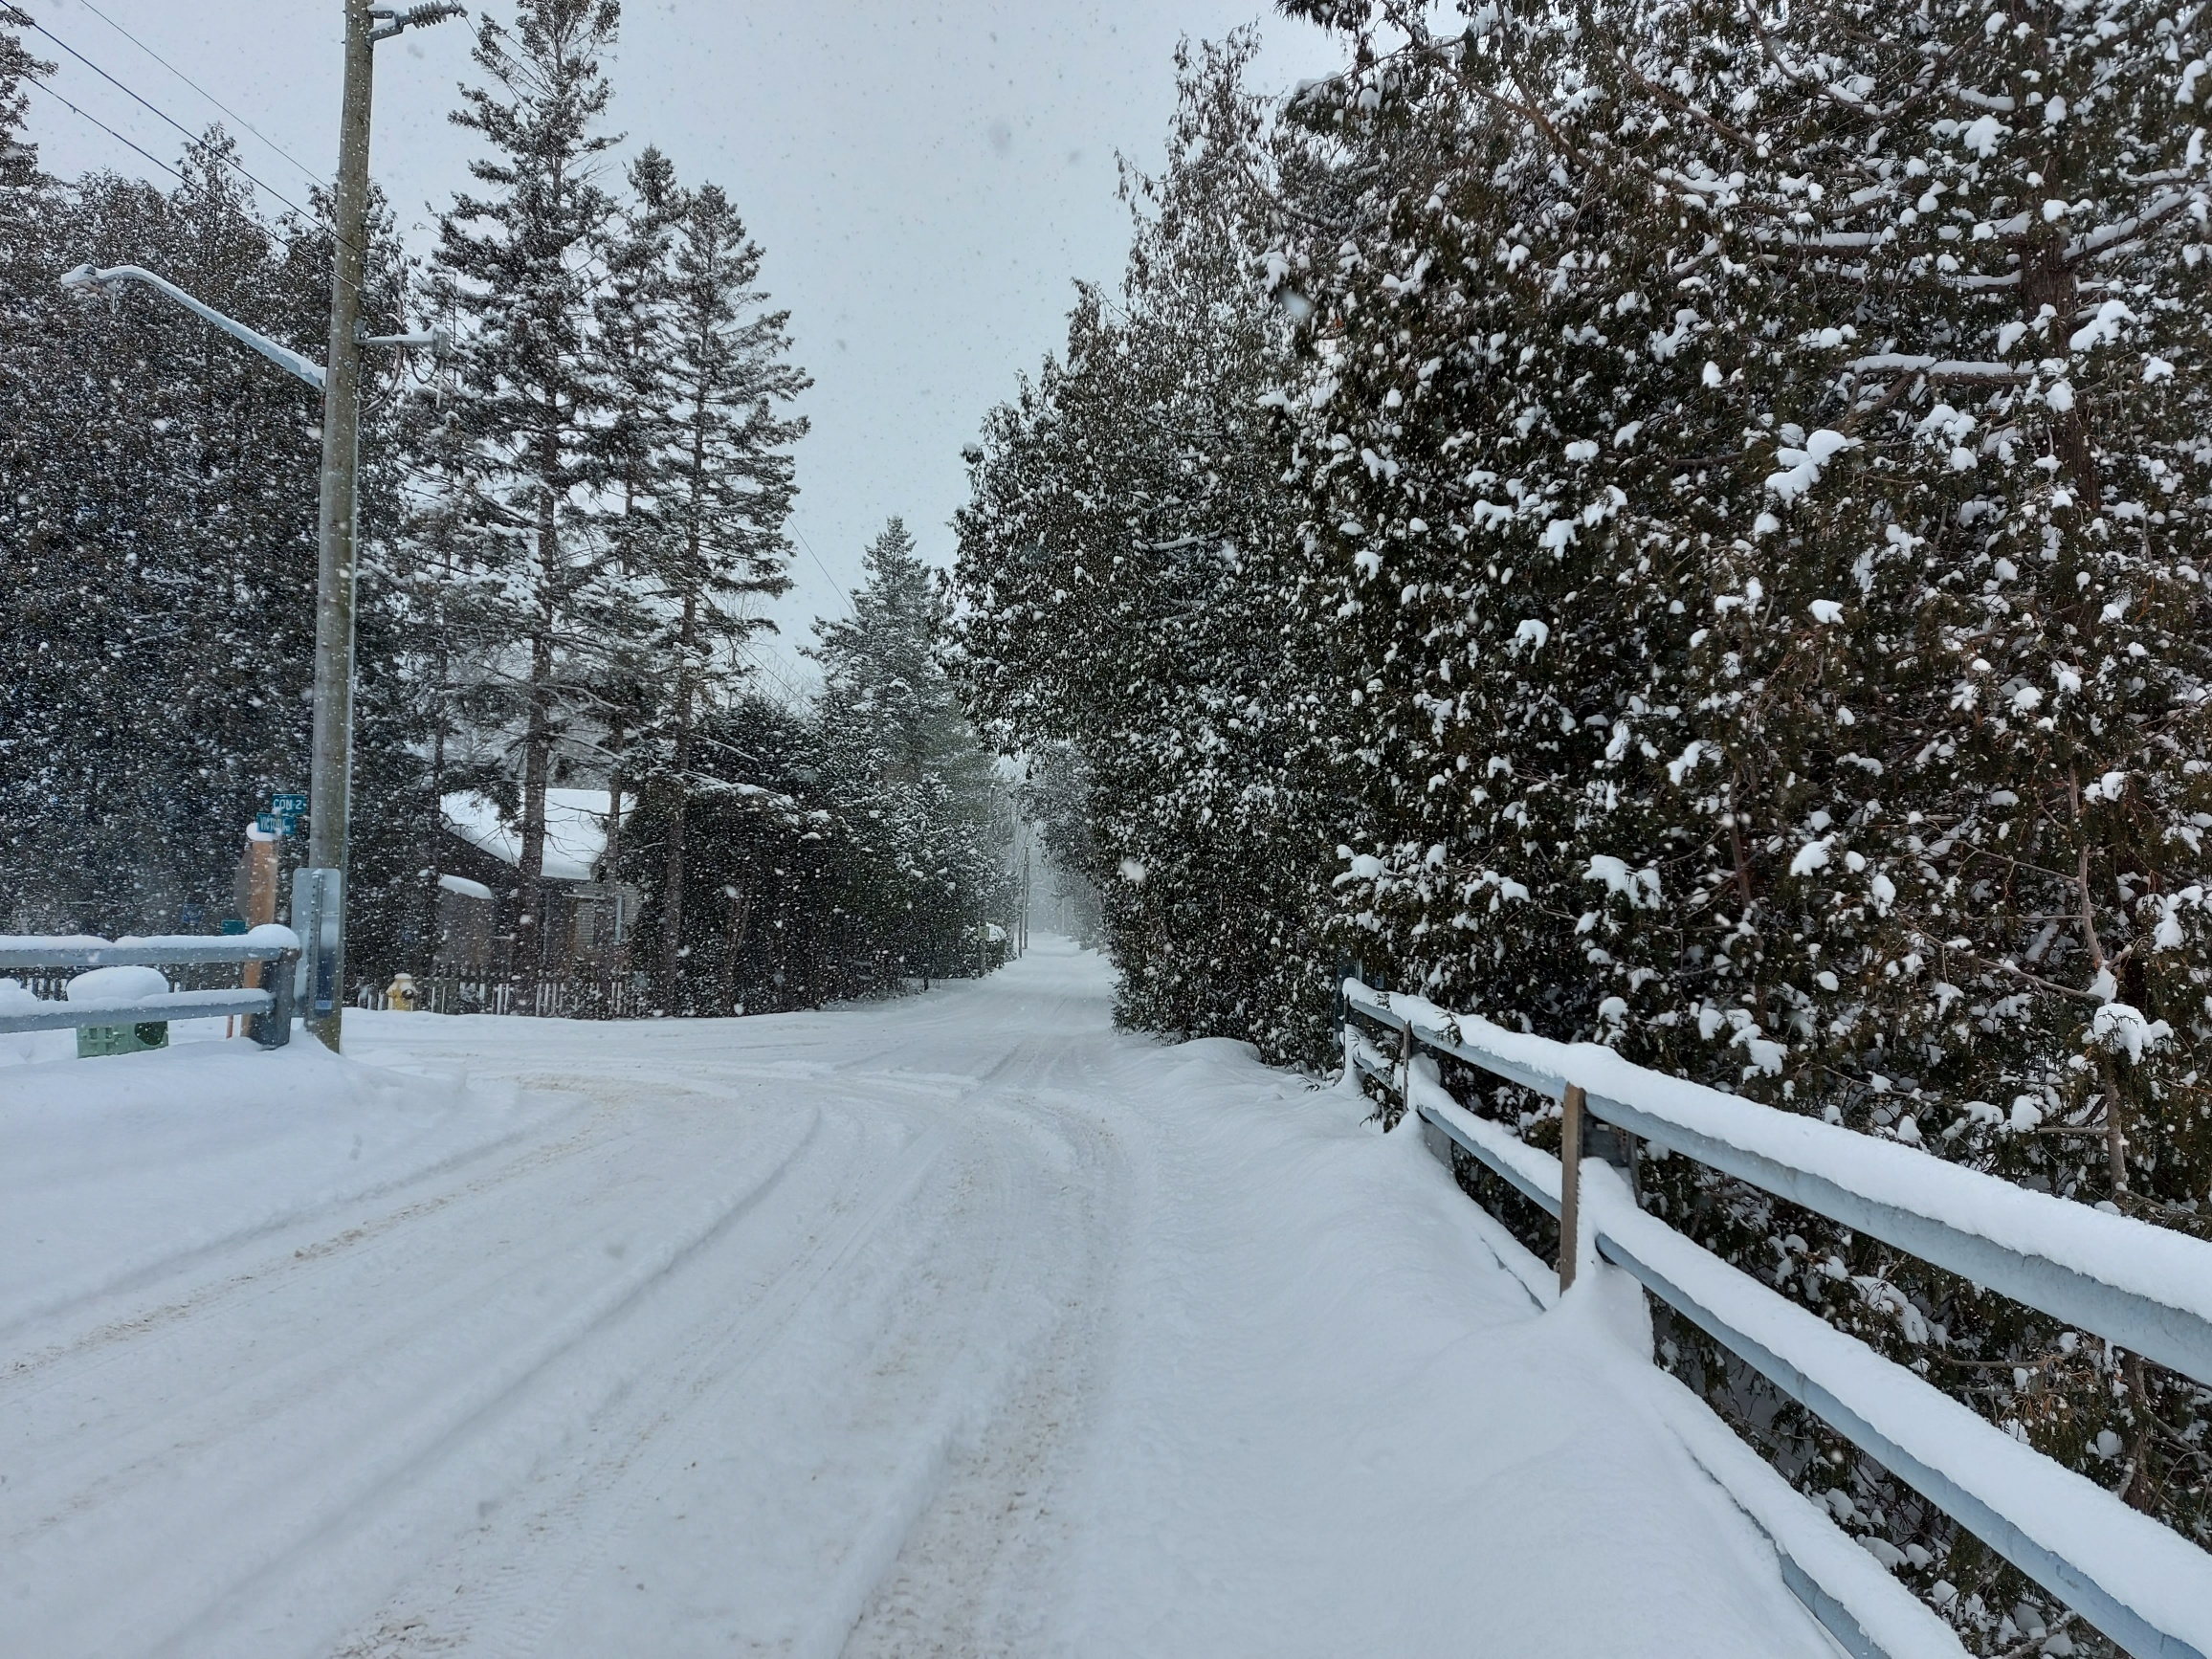 Photo of Victoria Road winter scene / winter of 2021